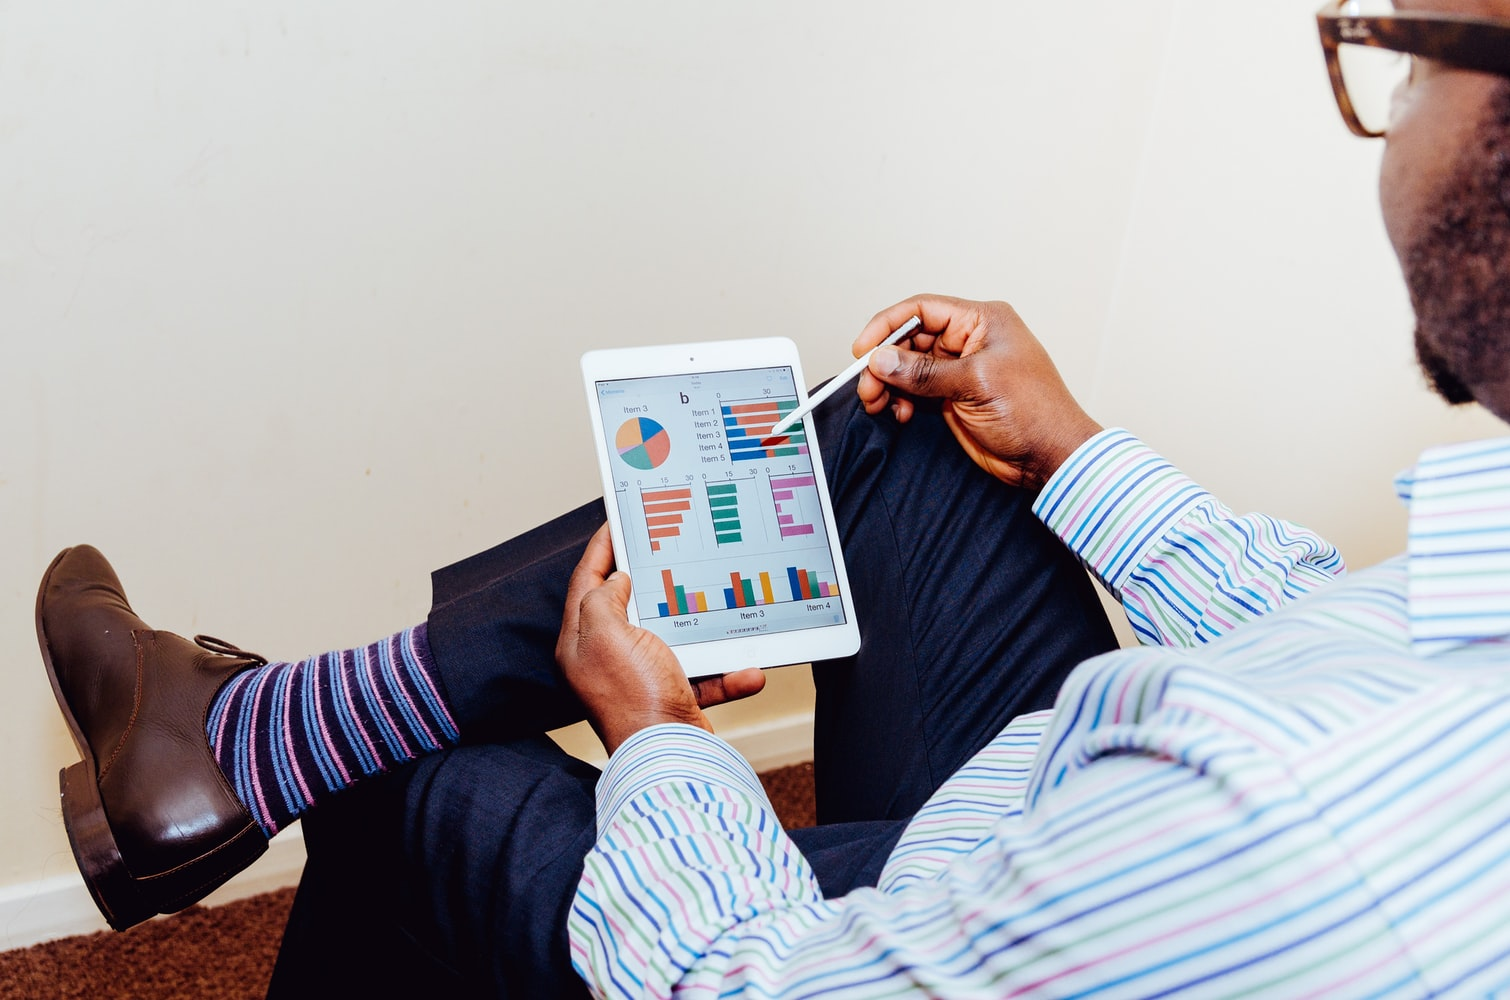 Guia Rápido de Elaboração do Plano de Negócios para pequenas empresas